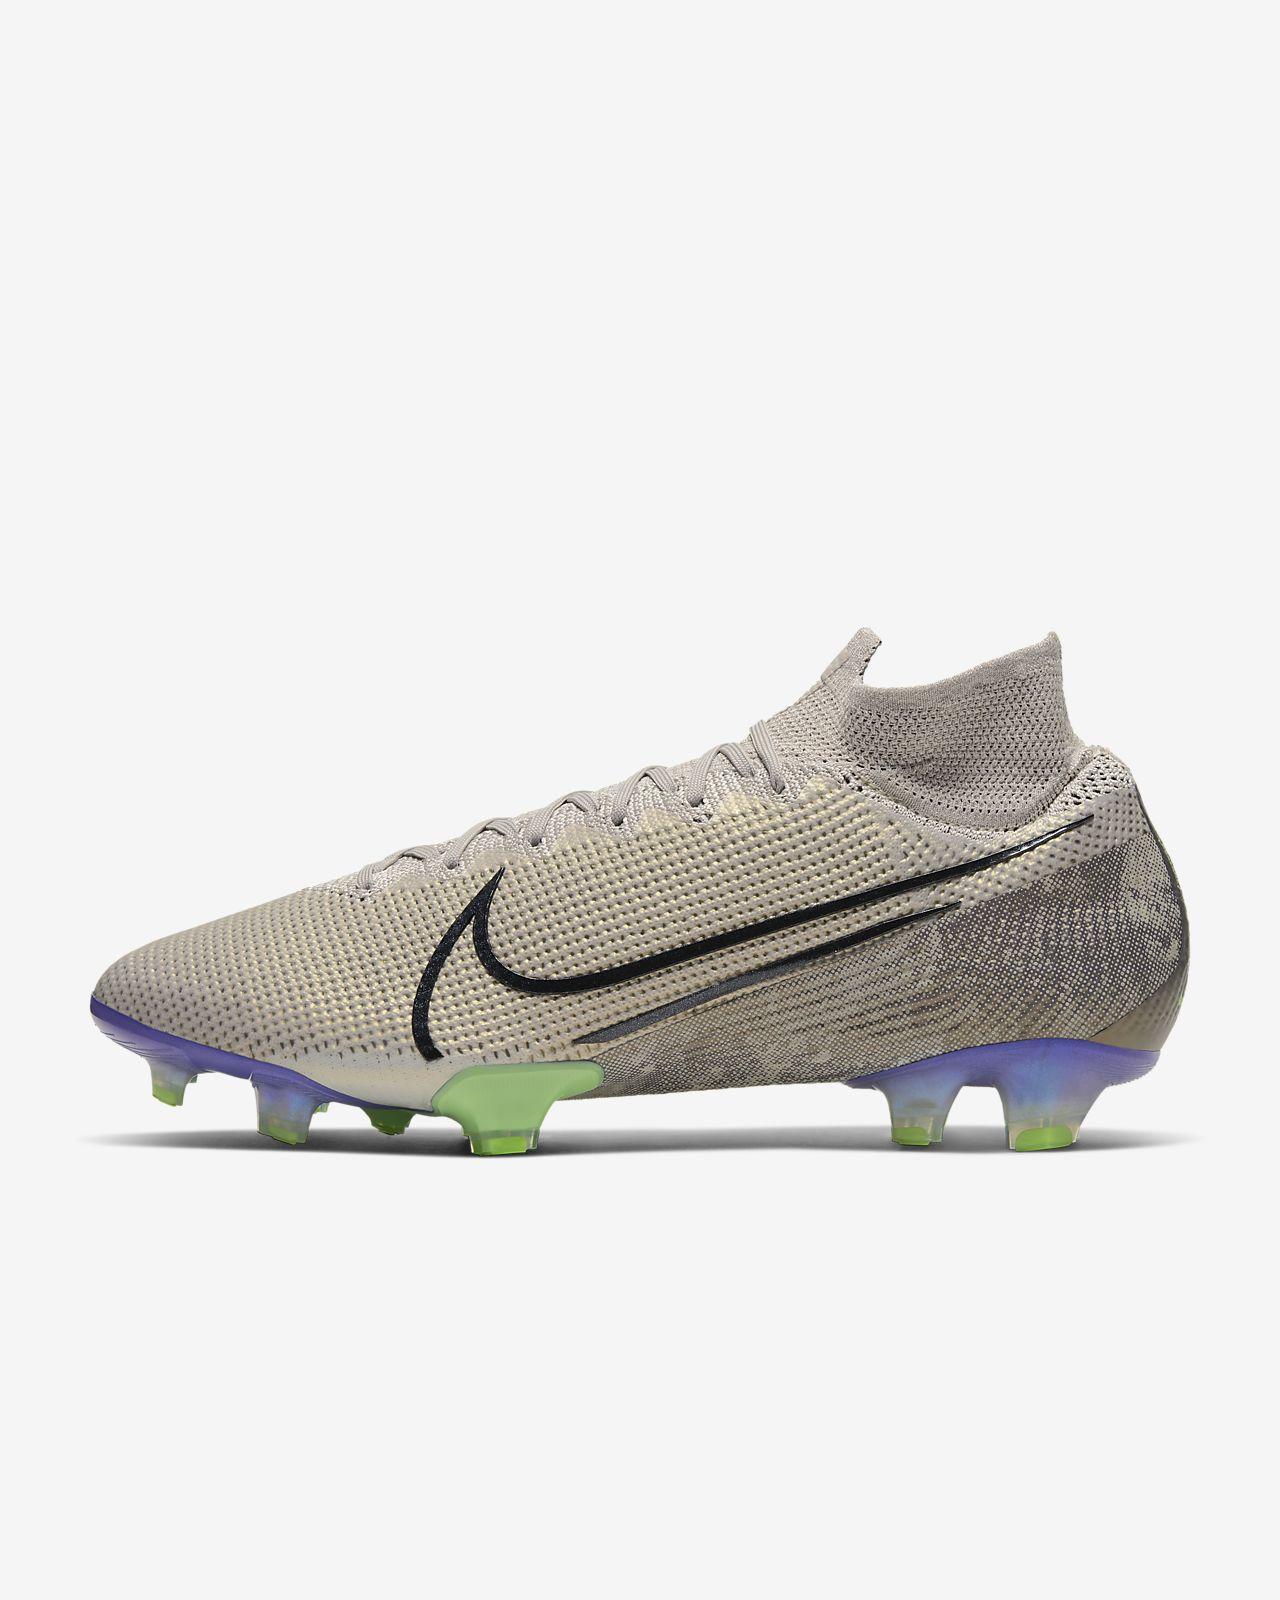 Nike Mercurial Superfly 7 Elite FG fotballsko til gress